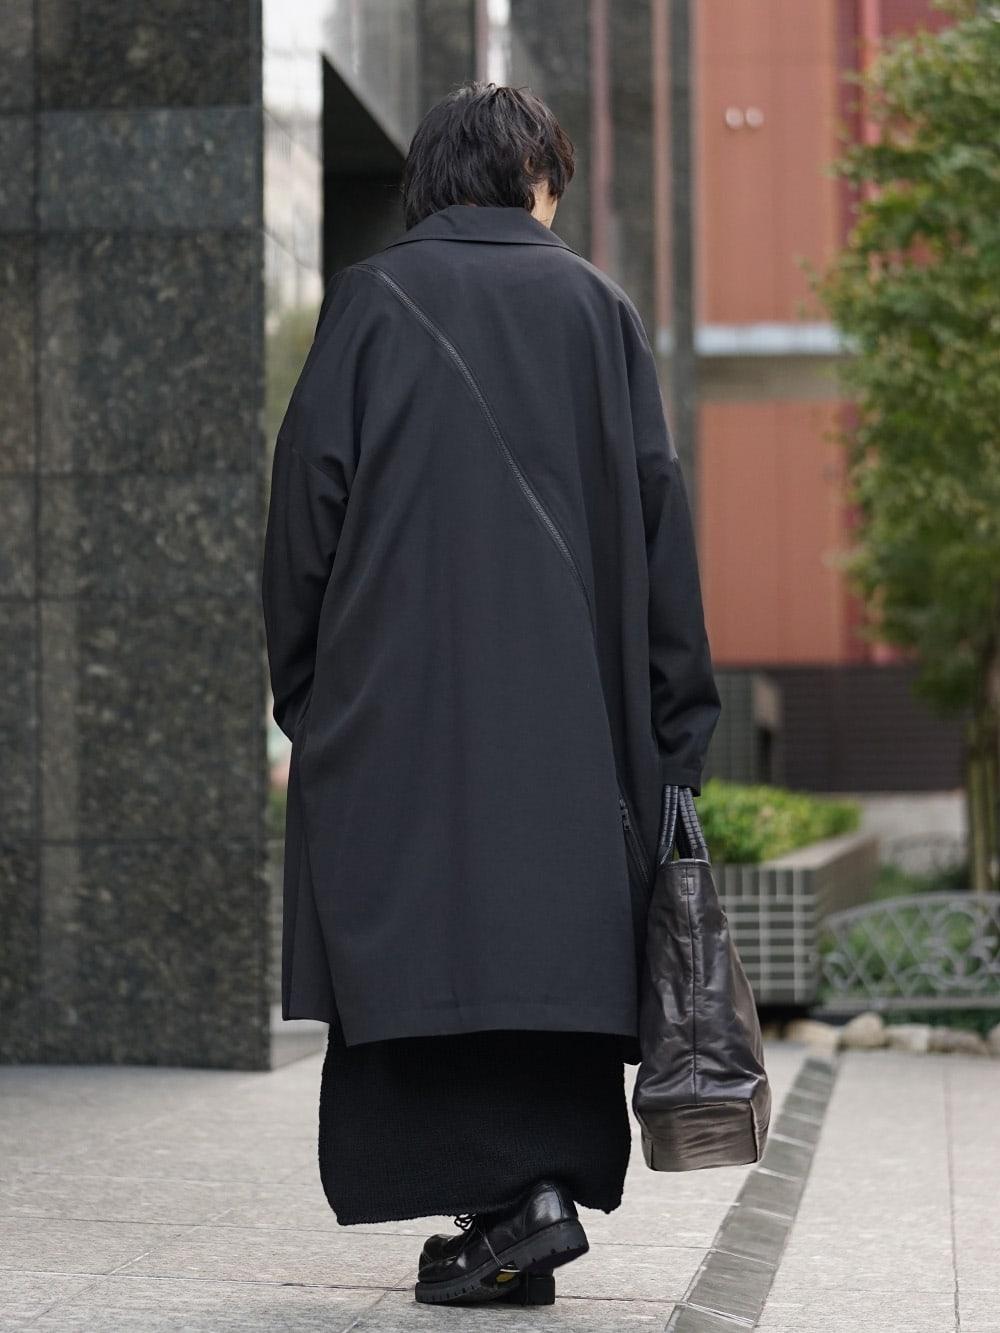 Yohji Yamamoto x B Yohji Yamamoto 18AW 2way Style 04